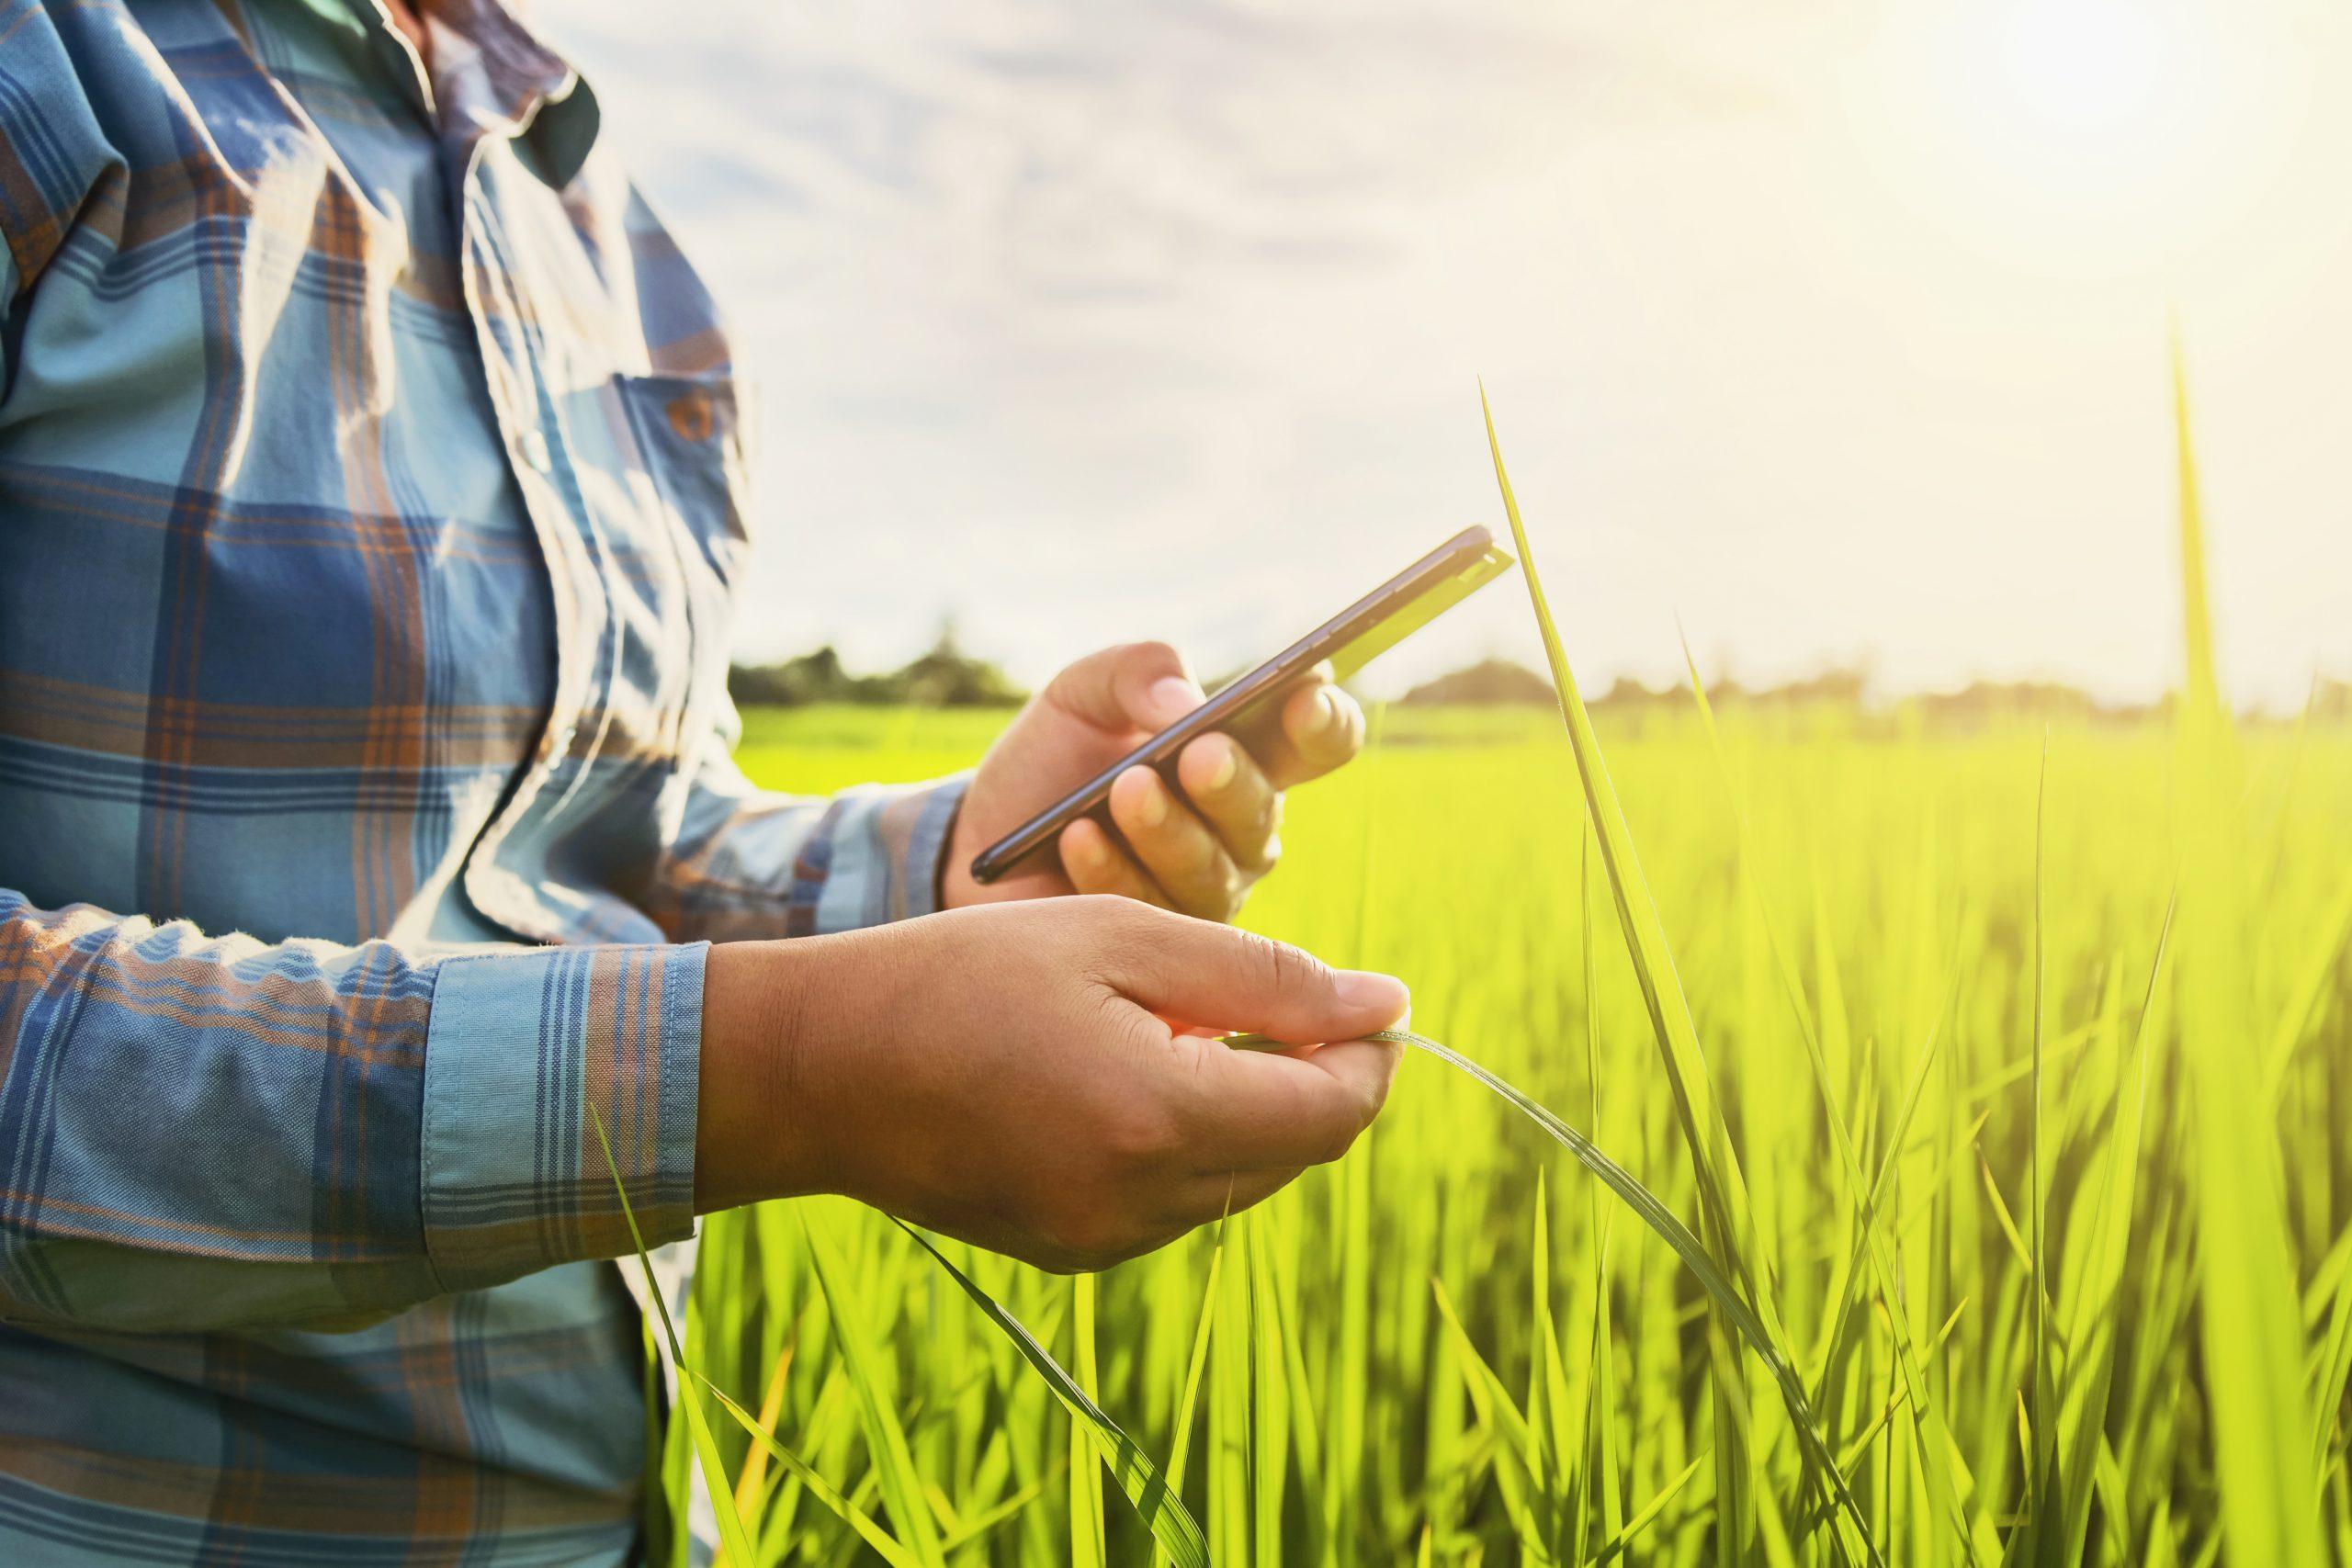 01/03-Banco Galicia continúa innovando productos para el agro